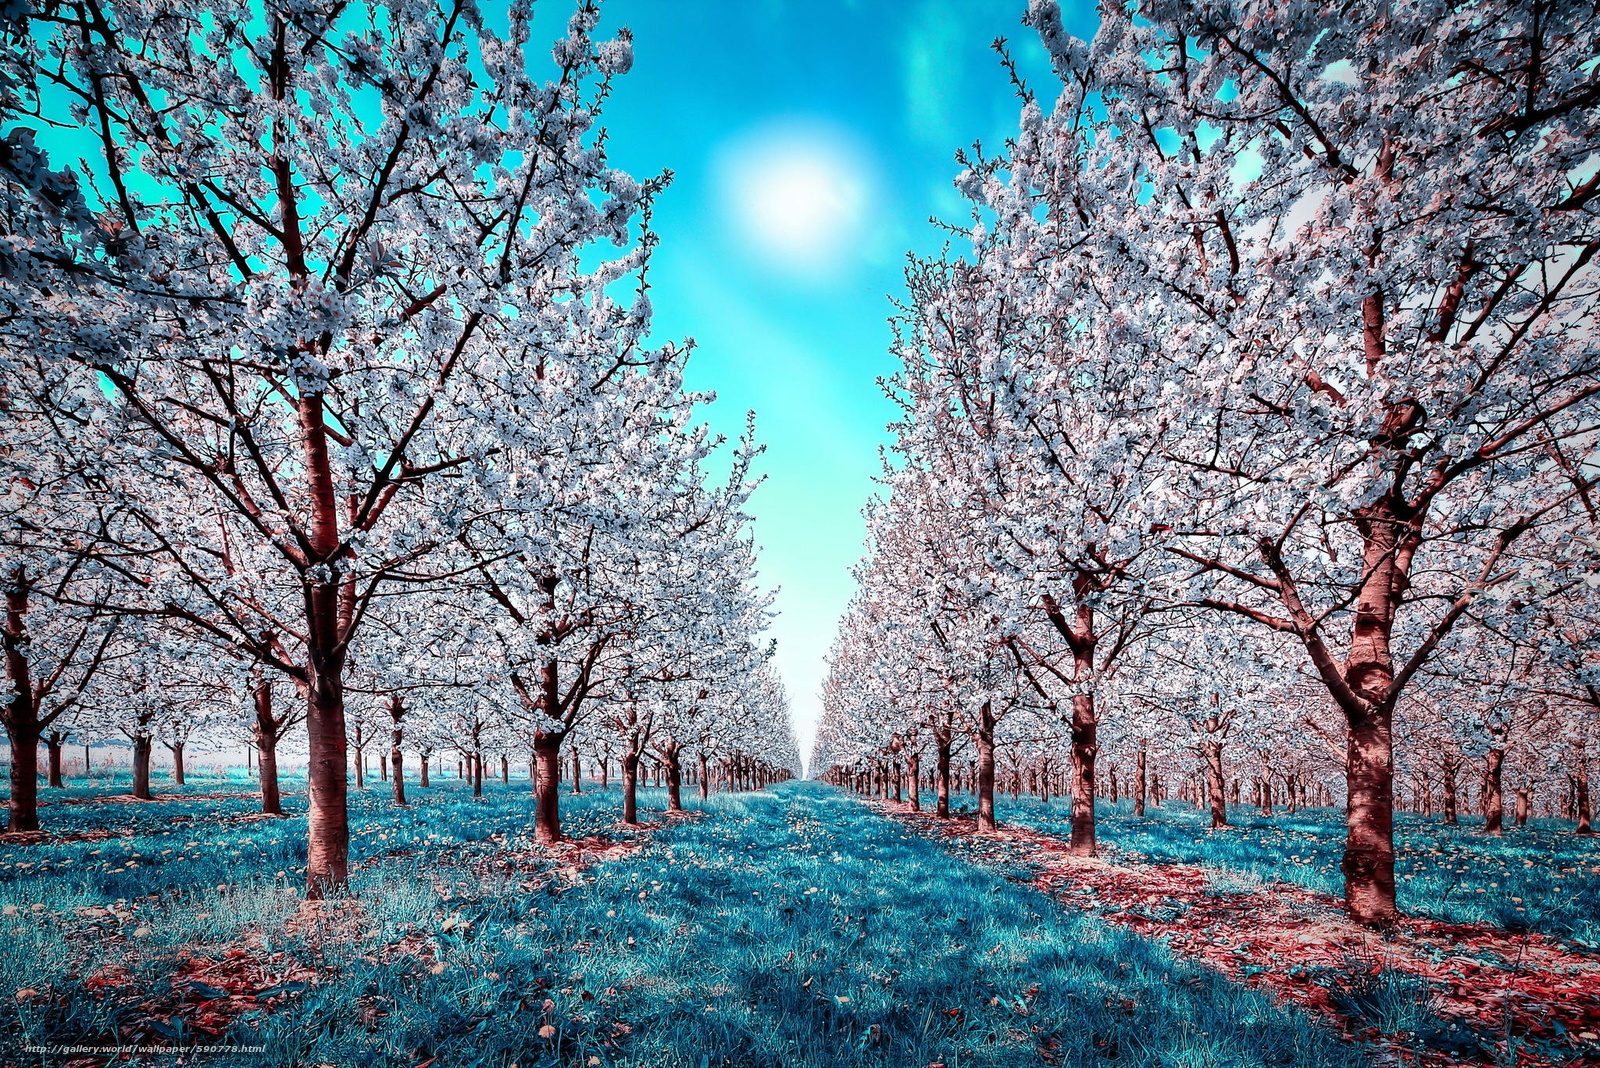 Scaricare gli sfondi natura primavera fiori fioritura for Immagini gratis per desktop primavera